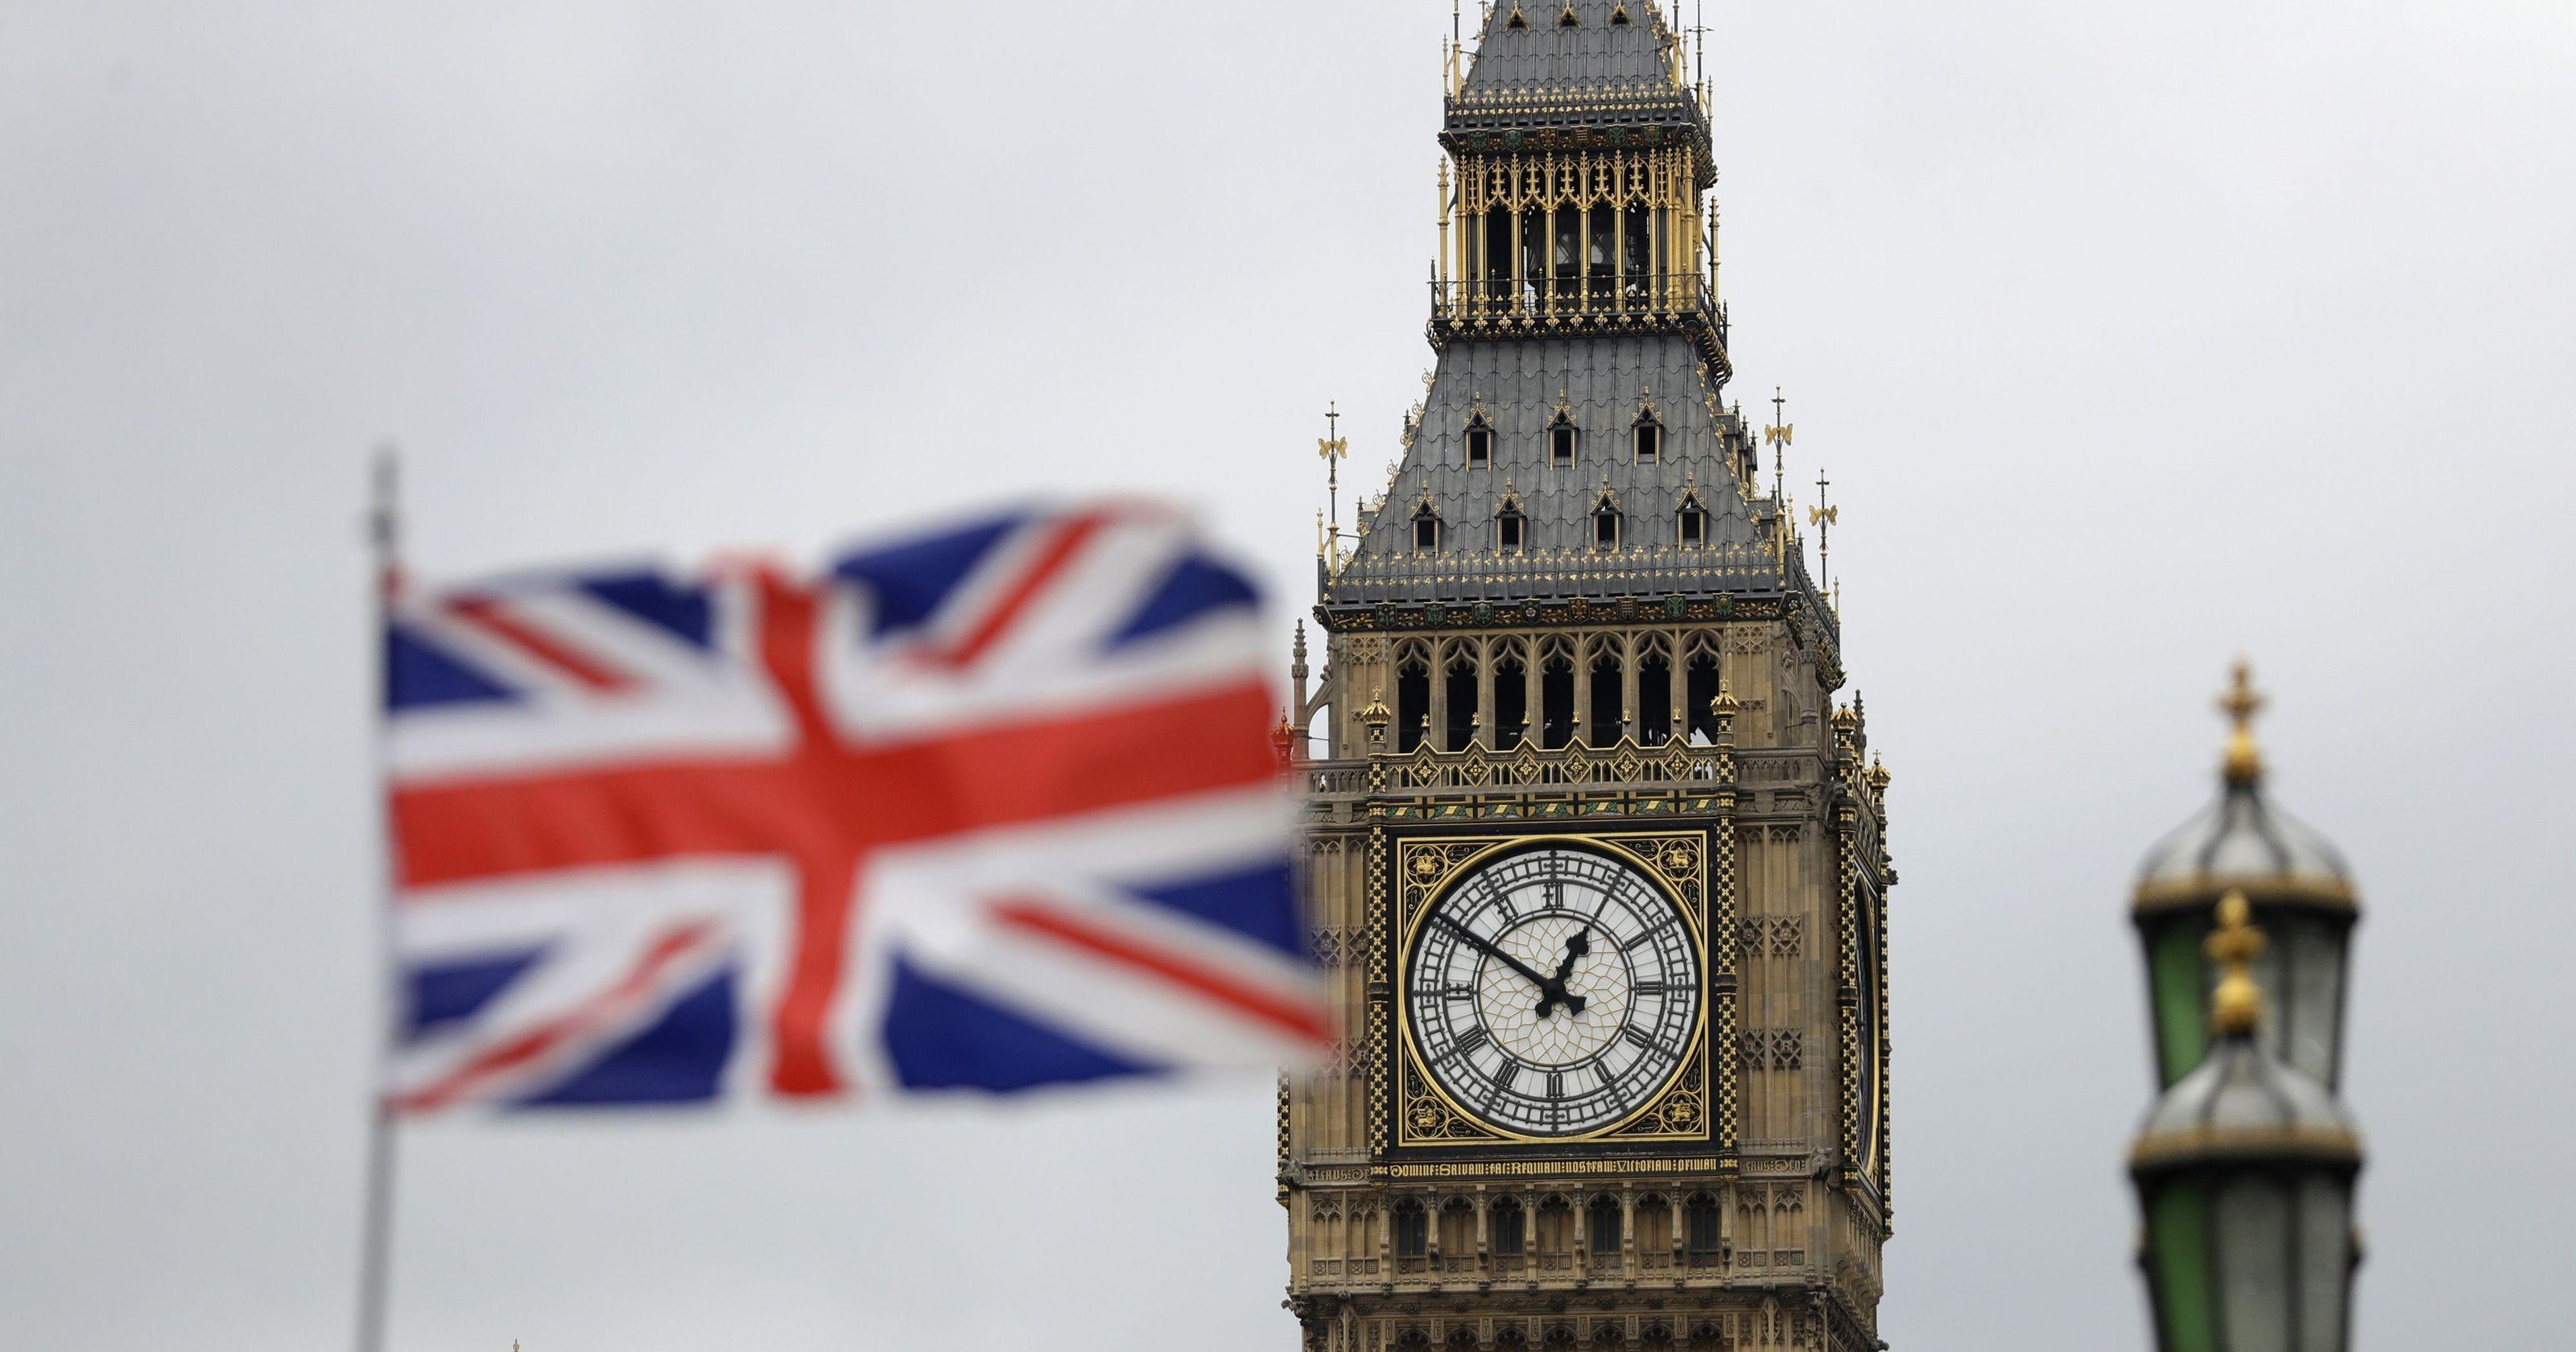 لا تشترط موافقة البرلمان البريطاني على الاتفاقيات التجارية (أ ب)